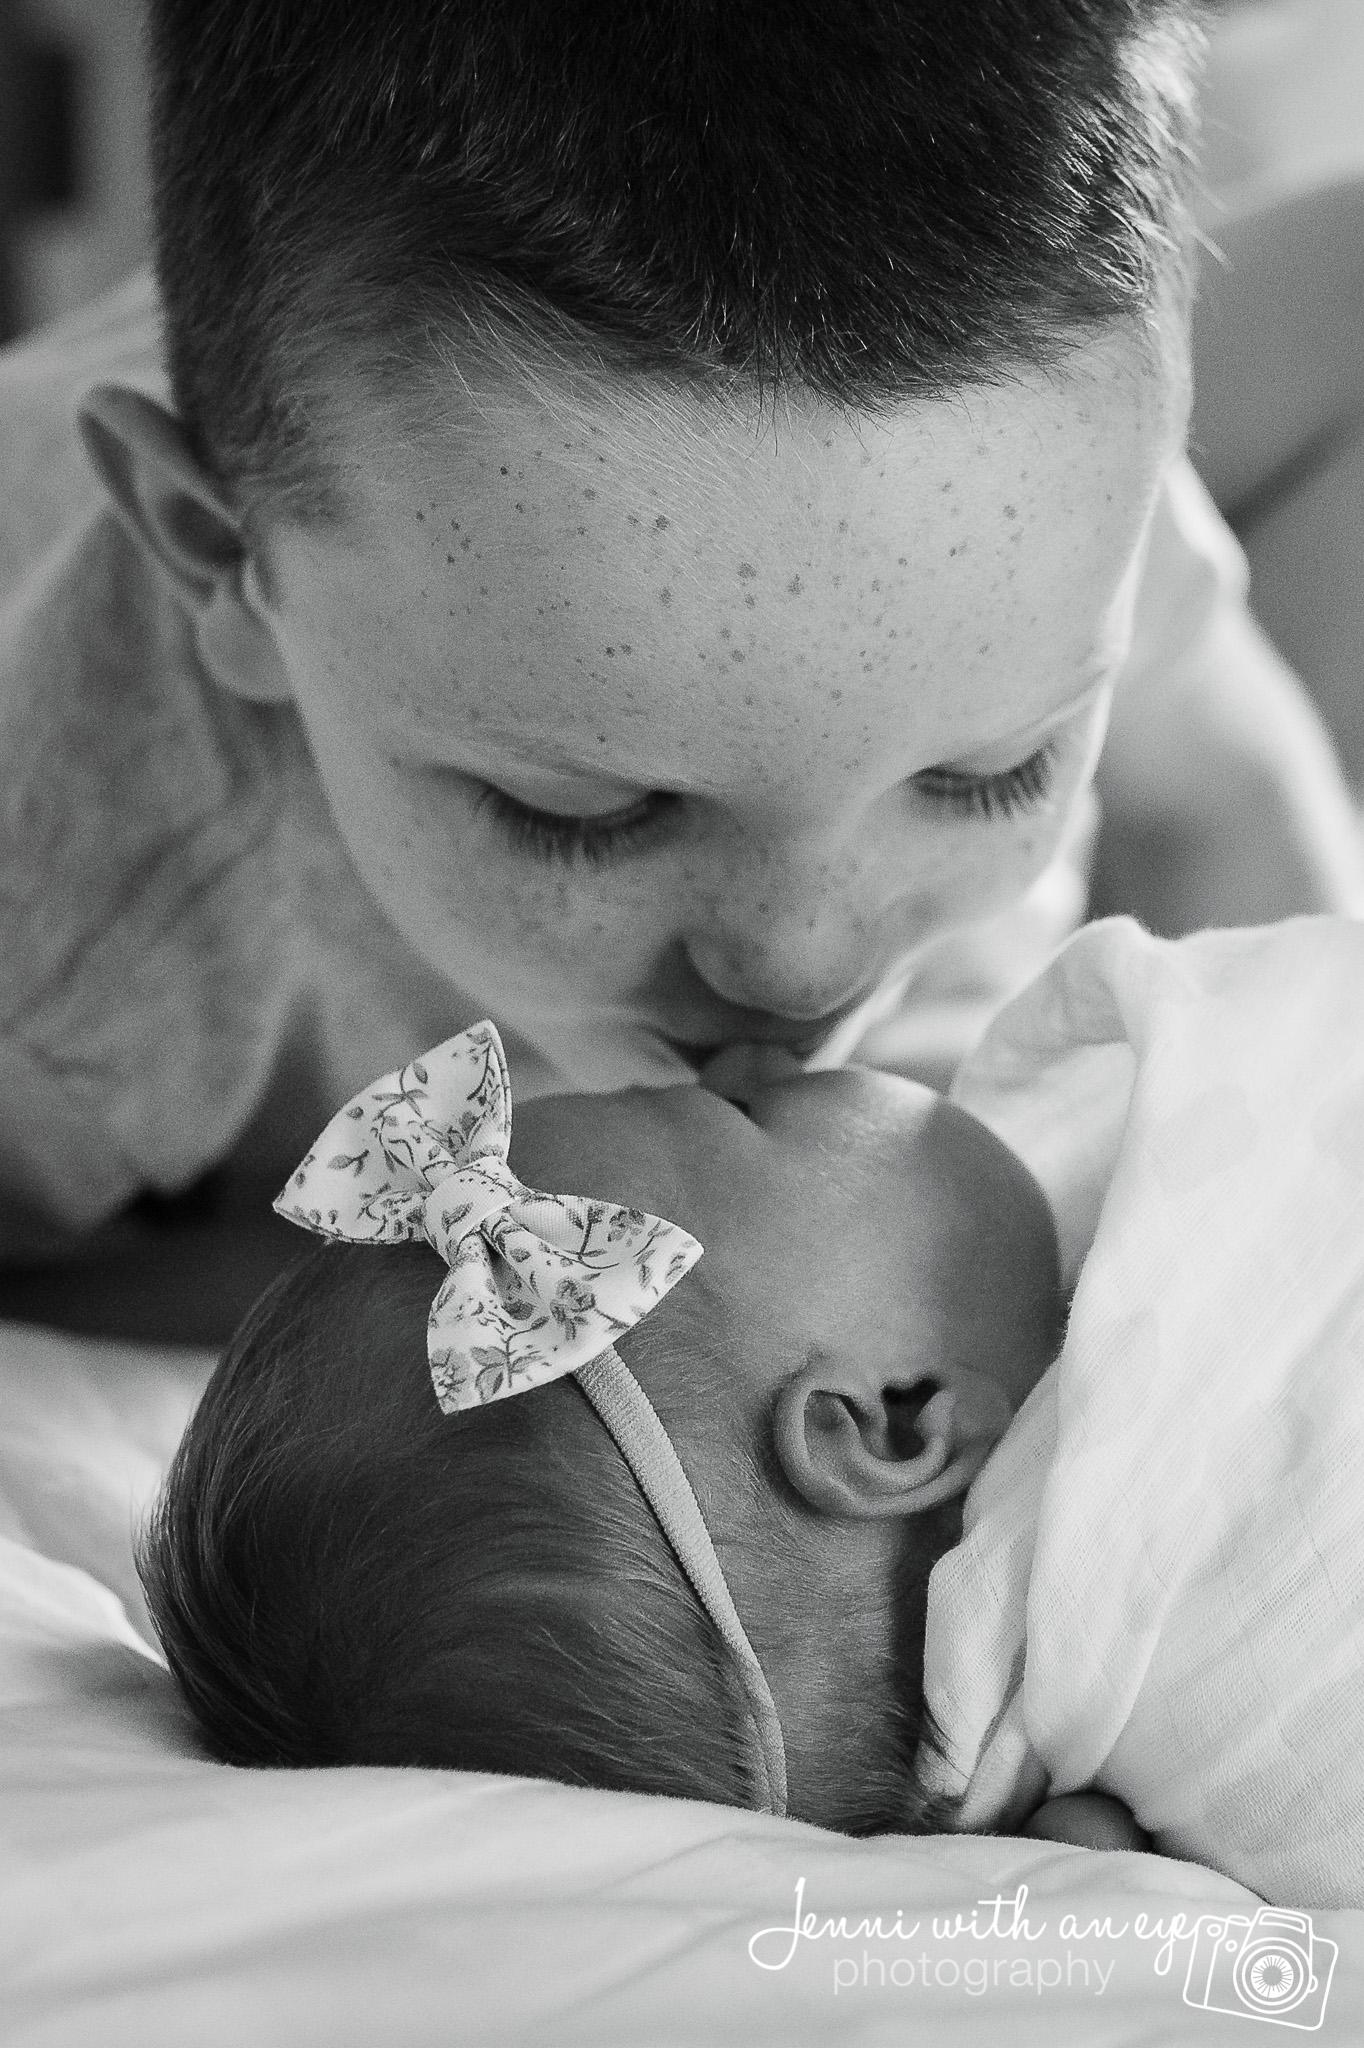 Newborn Session, JENNI WITH AN EYE PHOTO